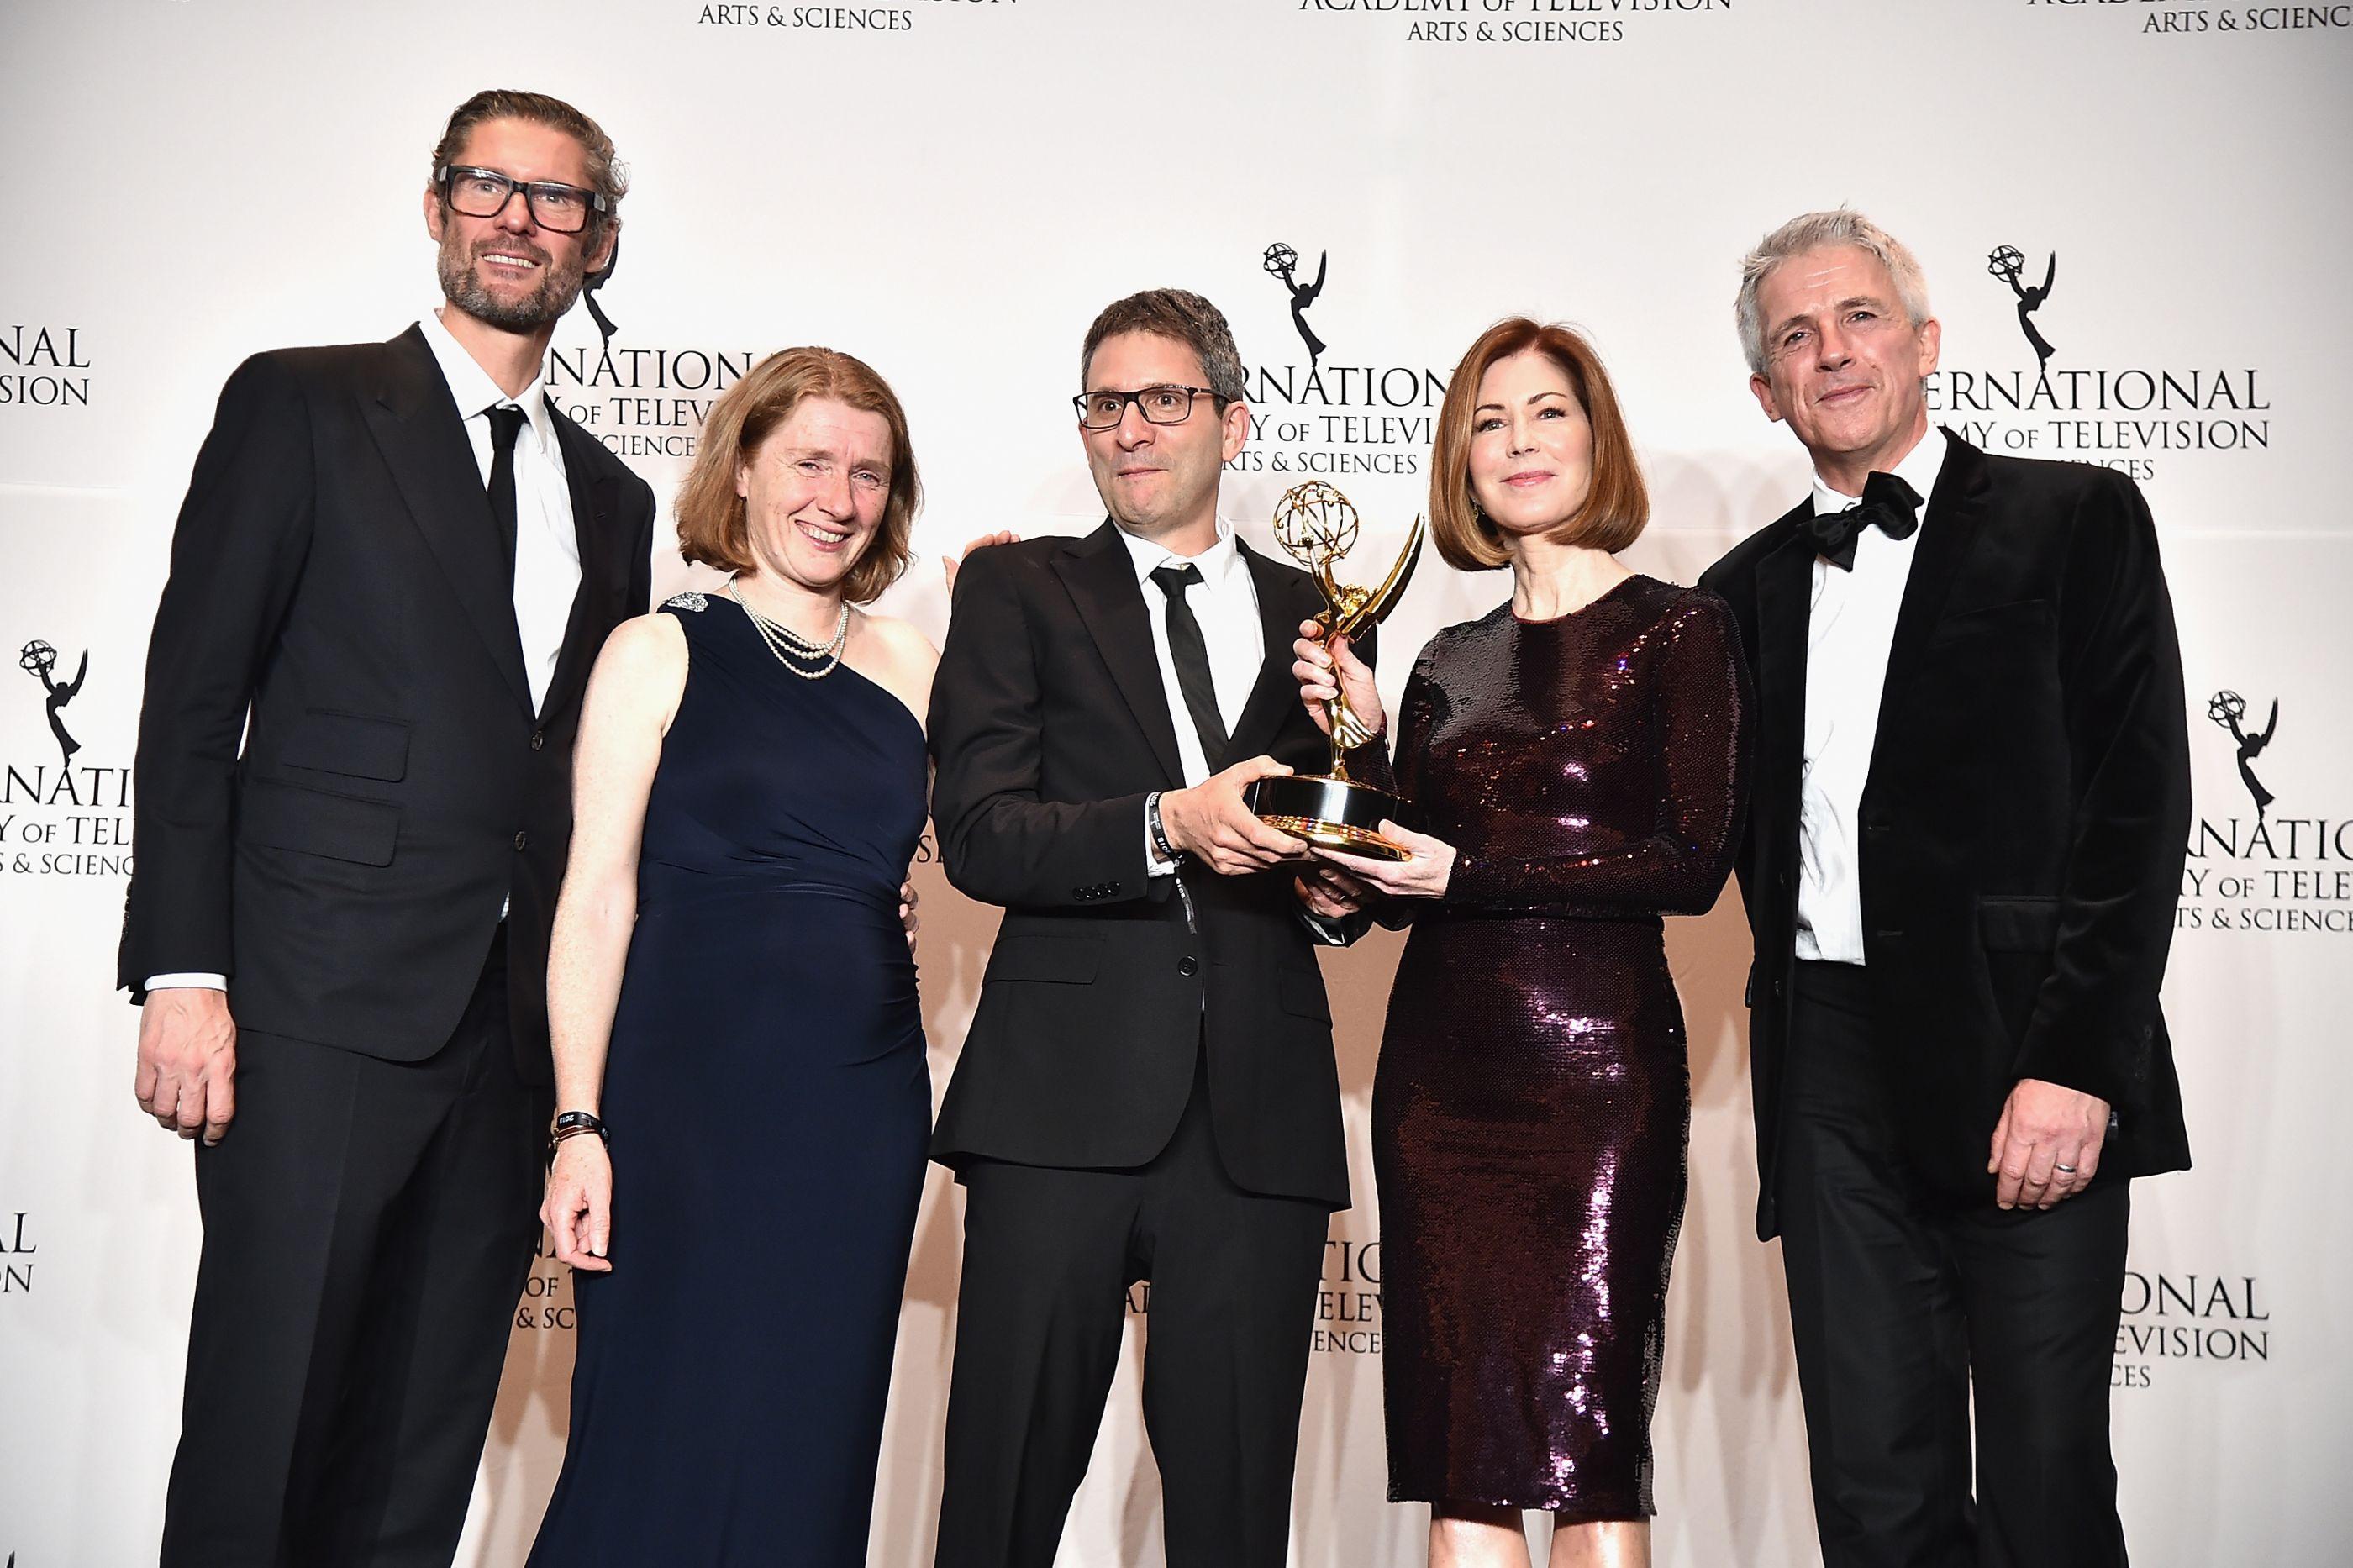 Os looks escolhidos para a noite dos International Emmy Awards